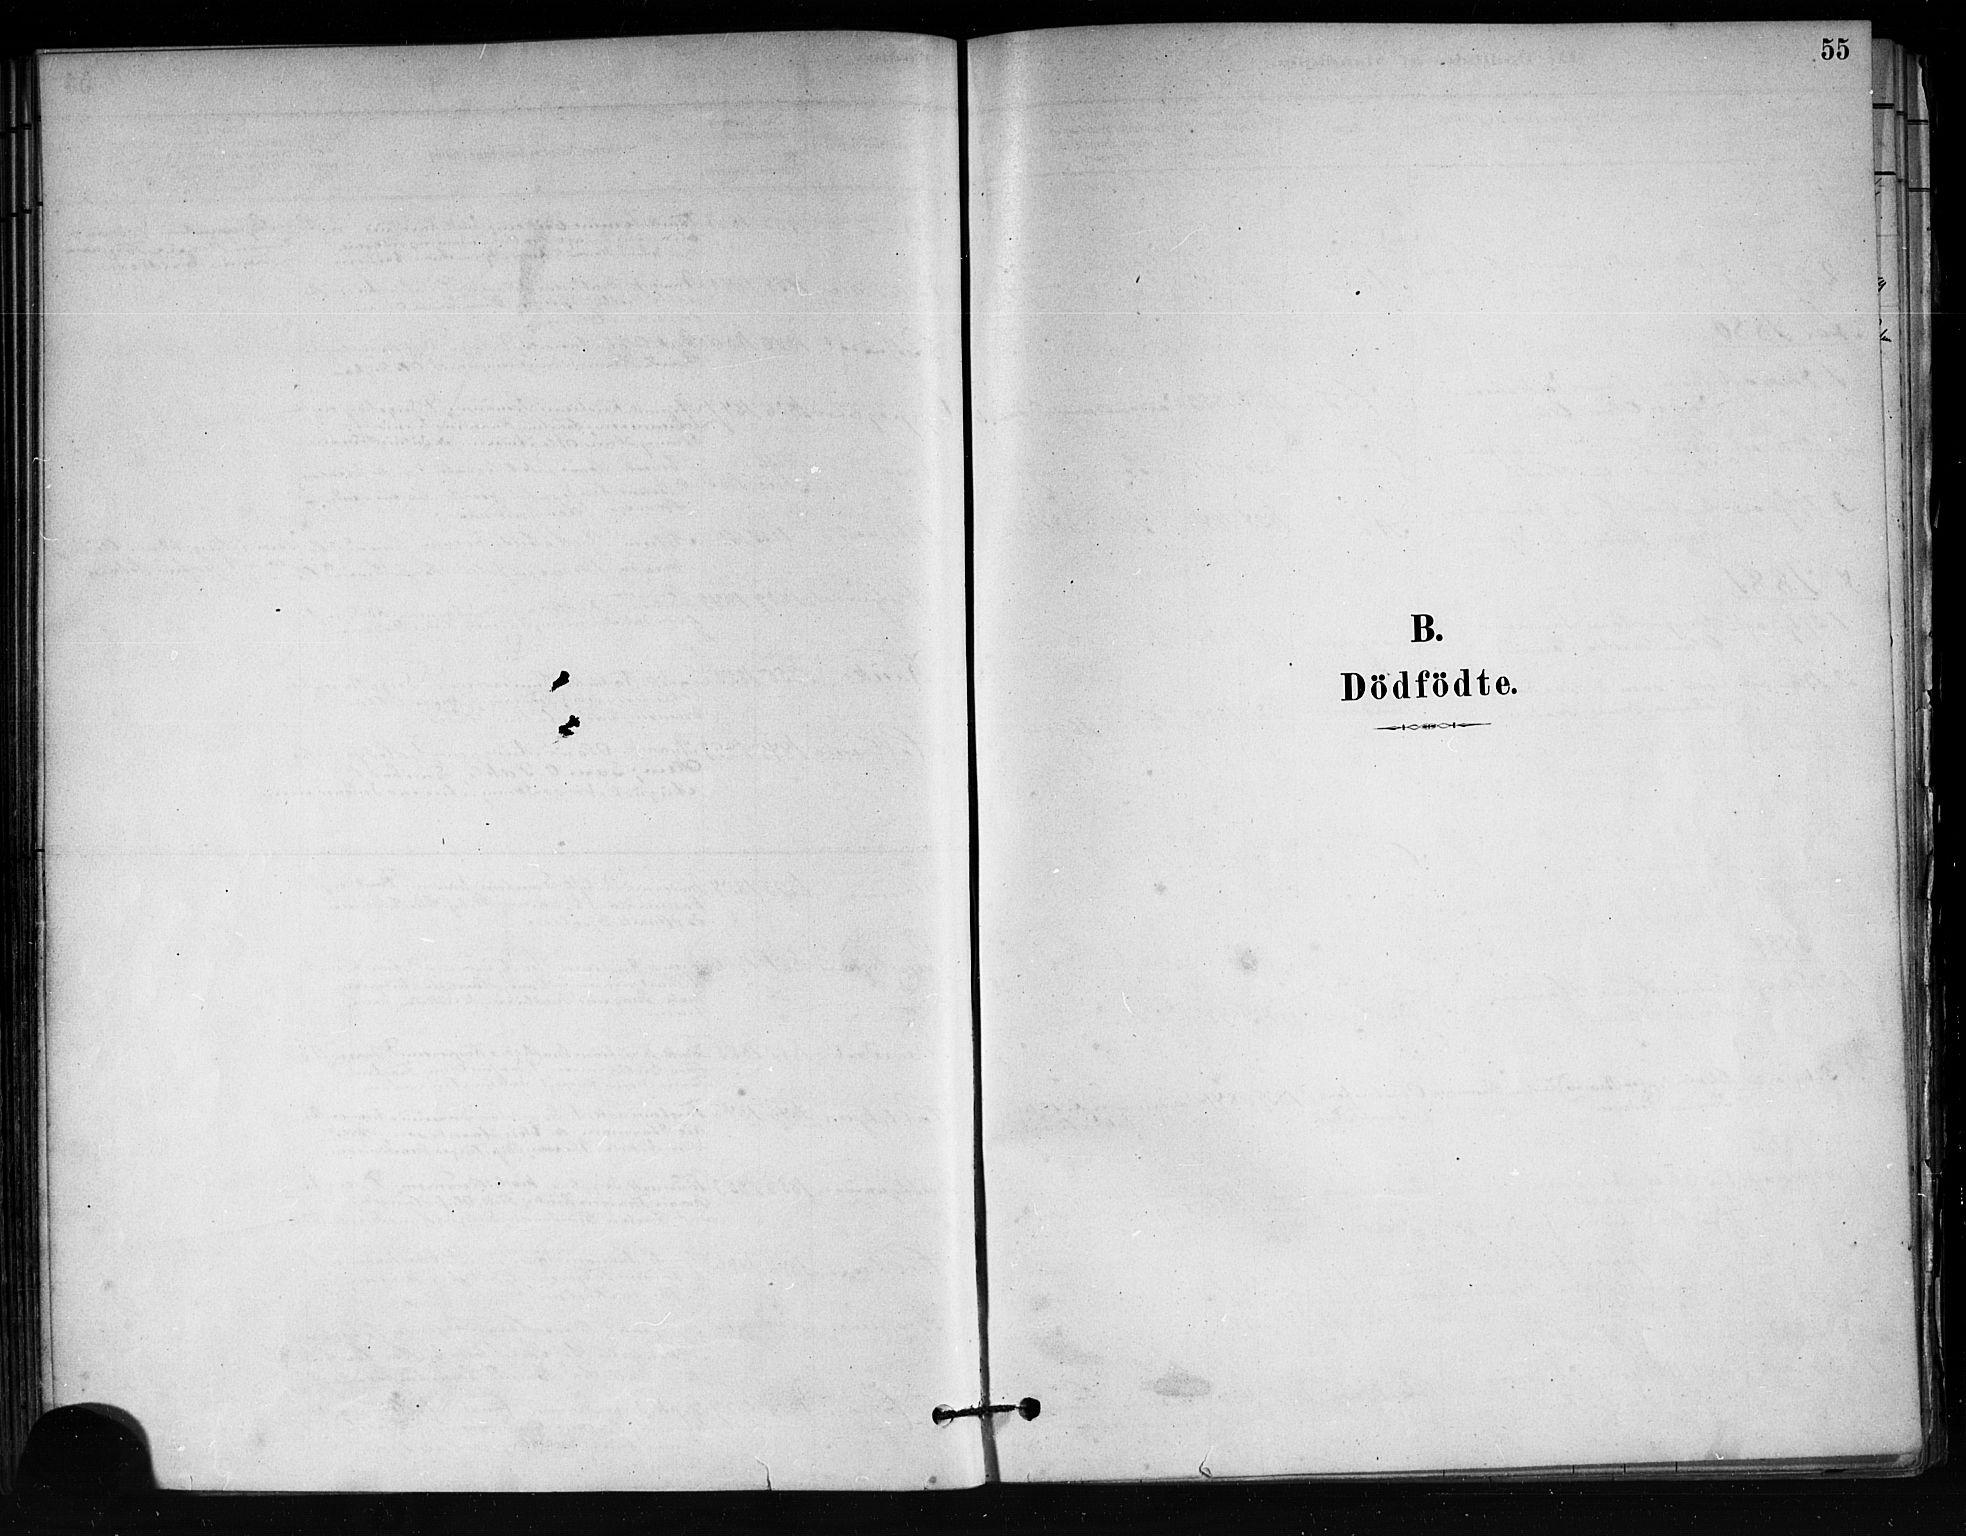 SAKO, Tjøme kirkebøker, F/Fa/L0001: Ministerialbok nr. 1, 1879-1890, s. 55